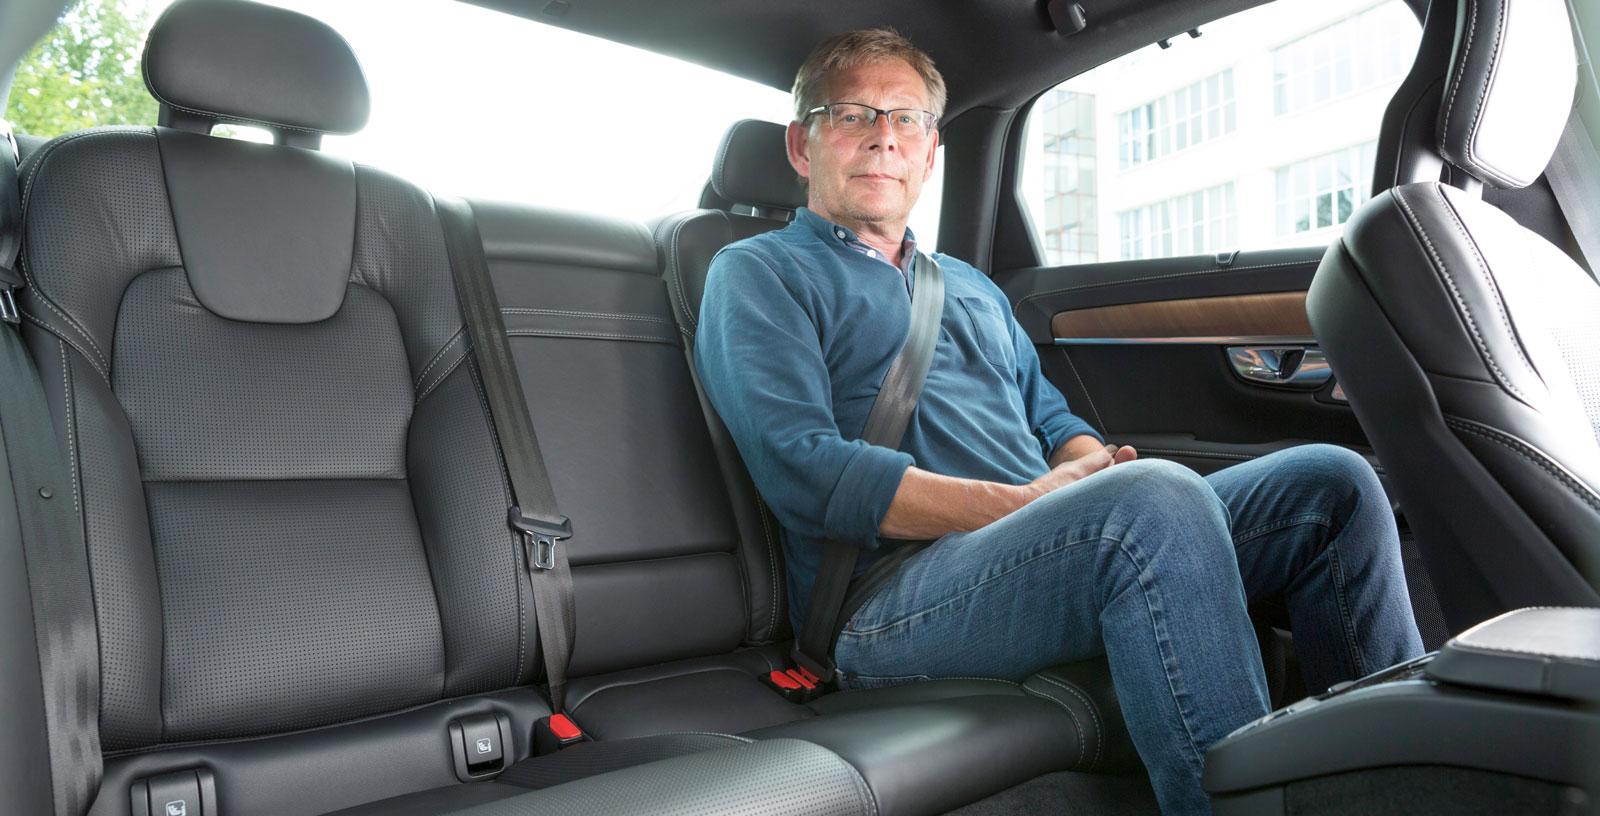 Sittdynan är ganska låg i S90, men baksätet är ändå bekvämt och benutrymmet är bäst i test. Även i övrigt erbjuder Volvon en luftig och generös miljö för baksätes- åkarna. Mugghållare och förvaringsfack finns i mittarmstödet. Sätesvärme, integrerade bälteskuddar och 230 V-uttag är tillval.